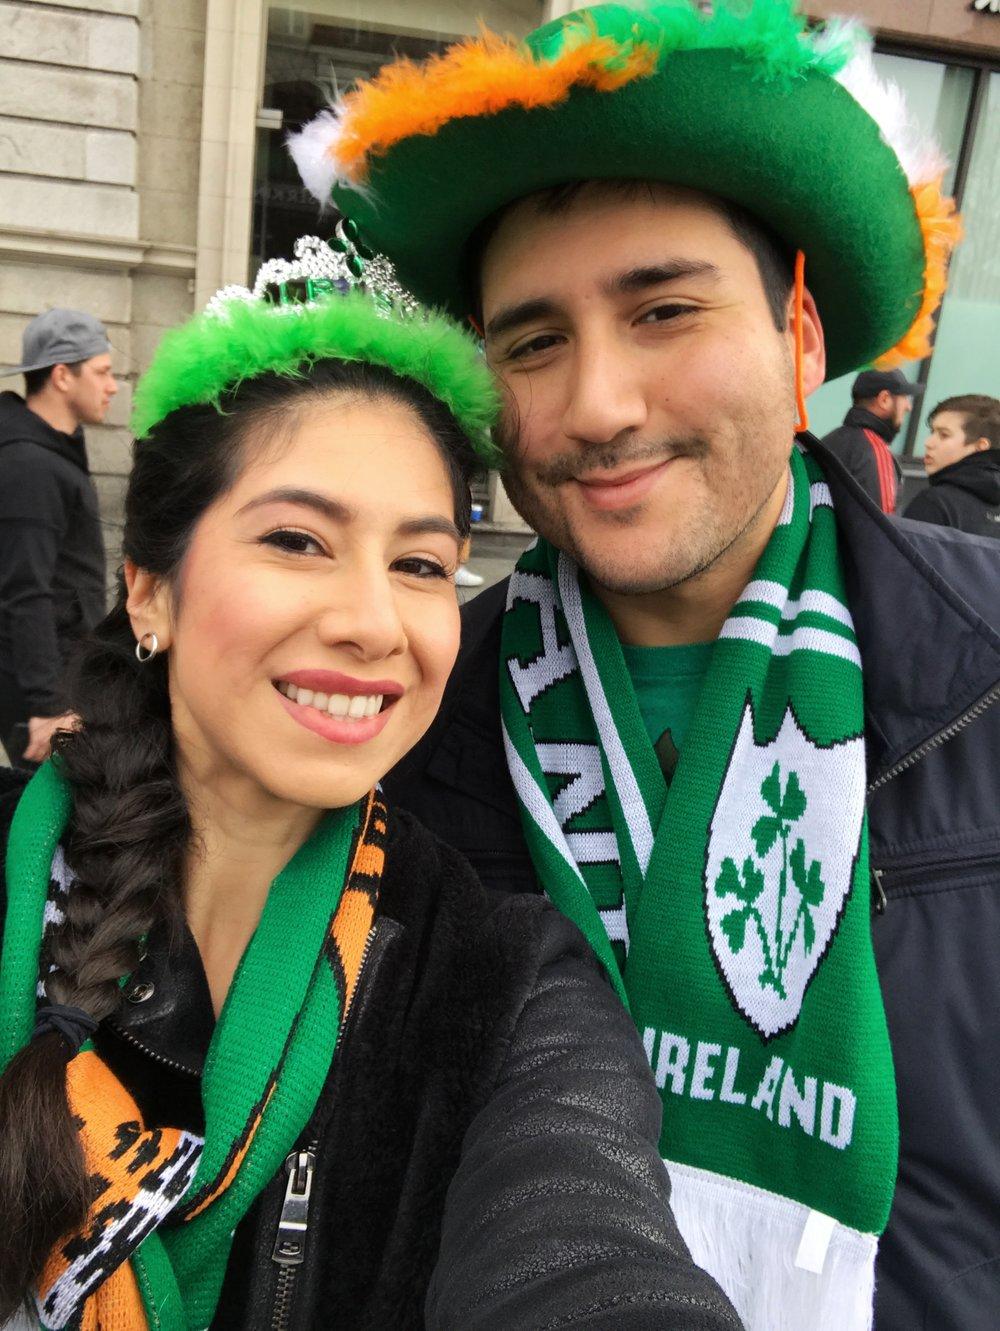 Total enjoying the parade!